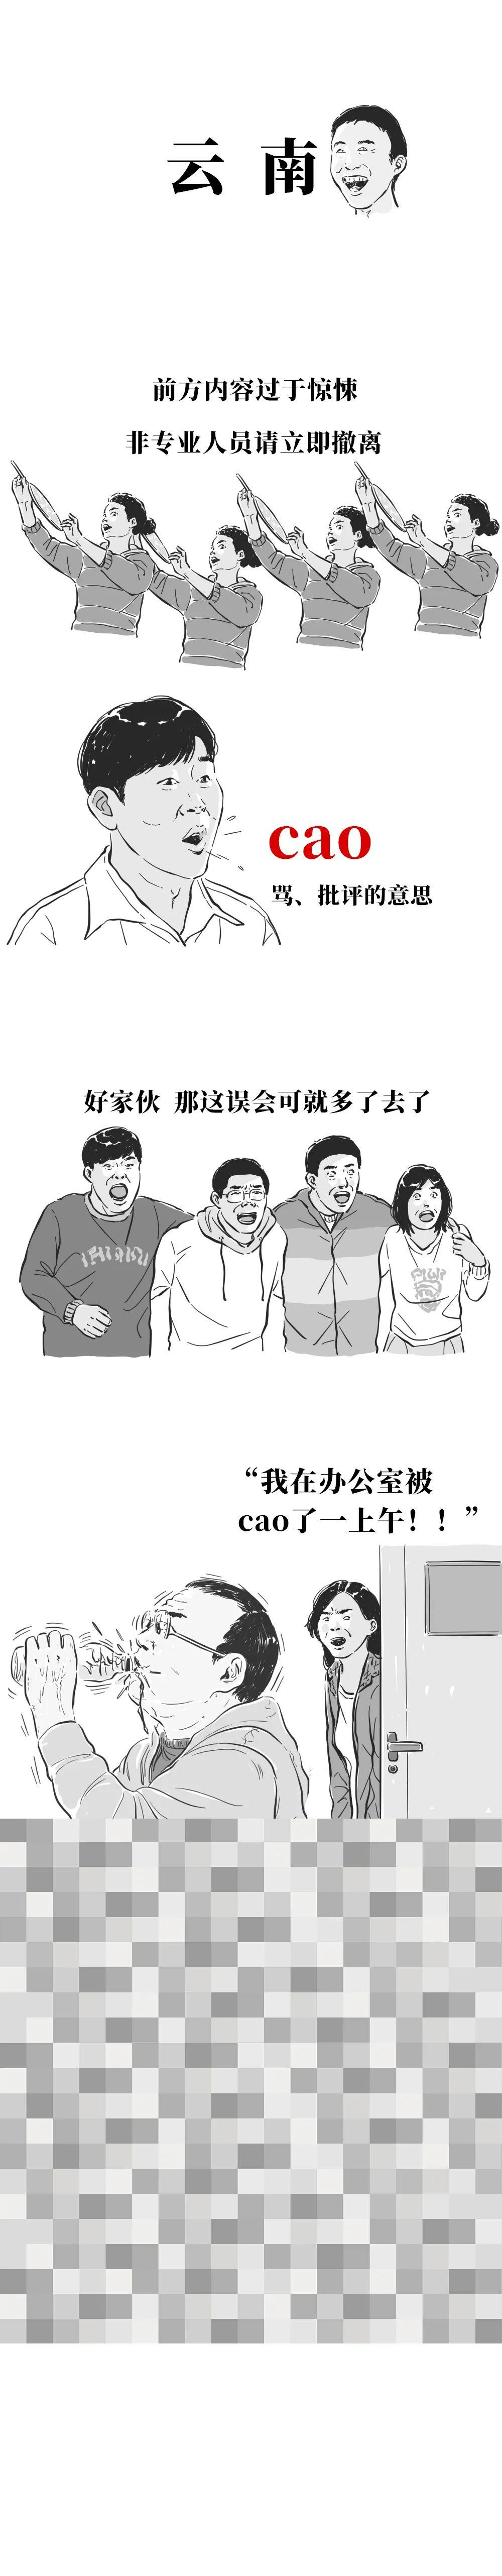 你因为方言闹过哪些笑话??  志华读书  第11张